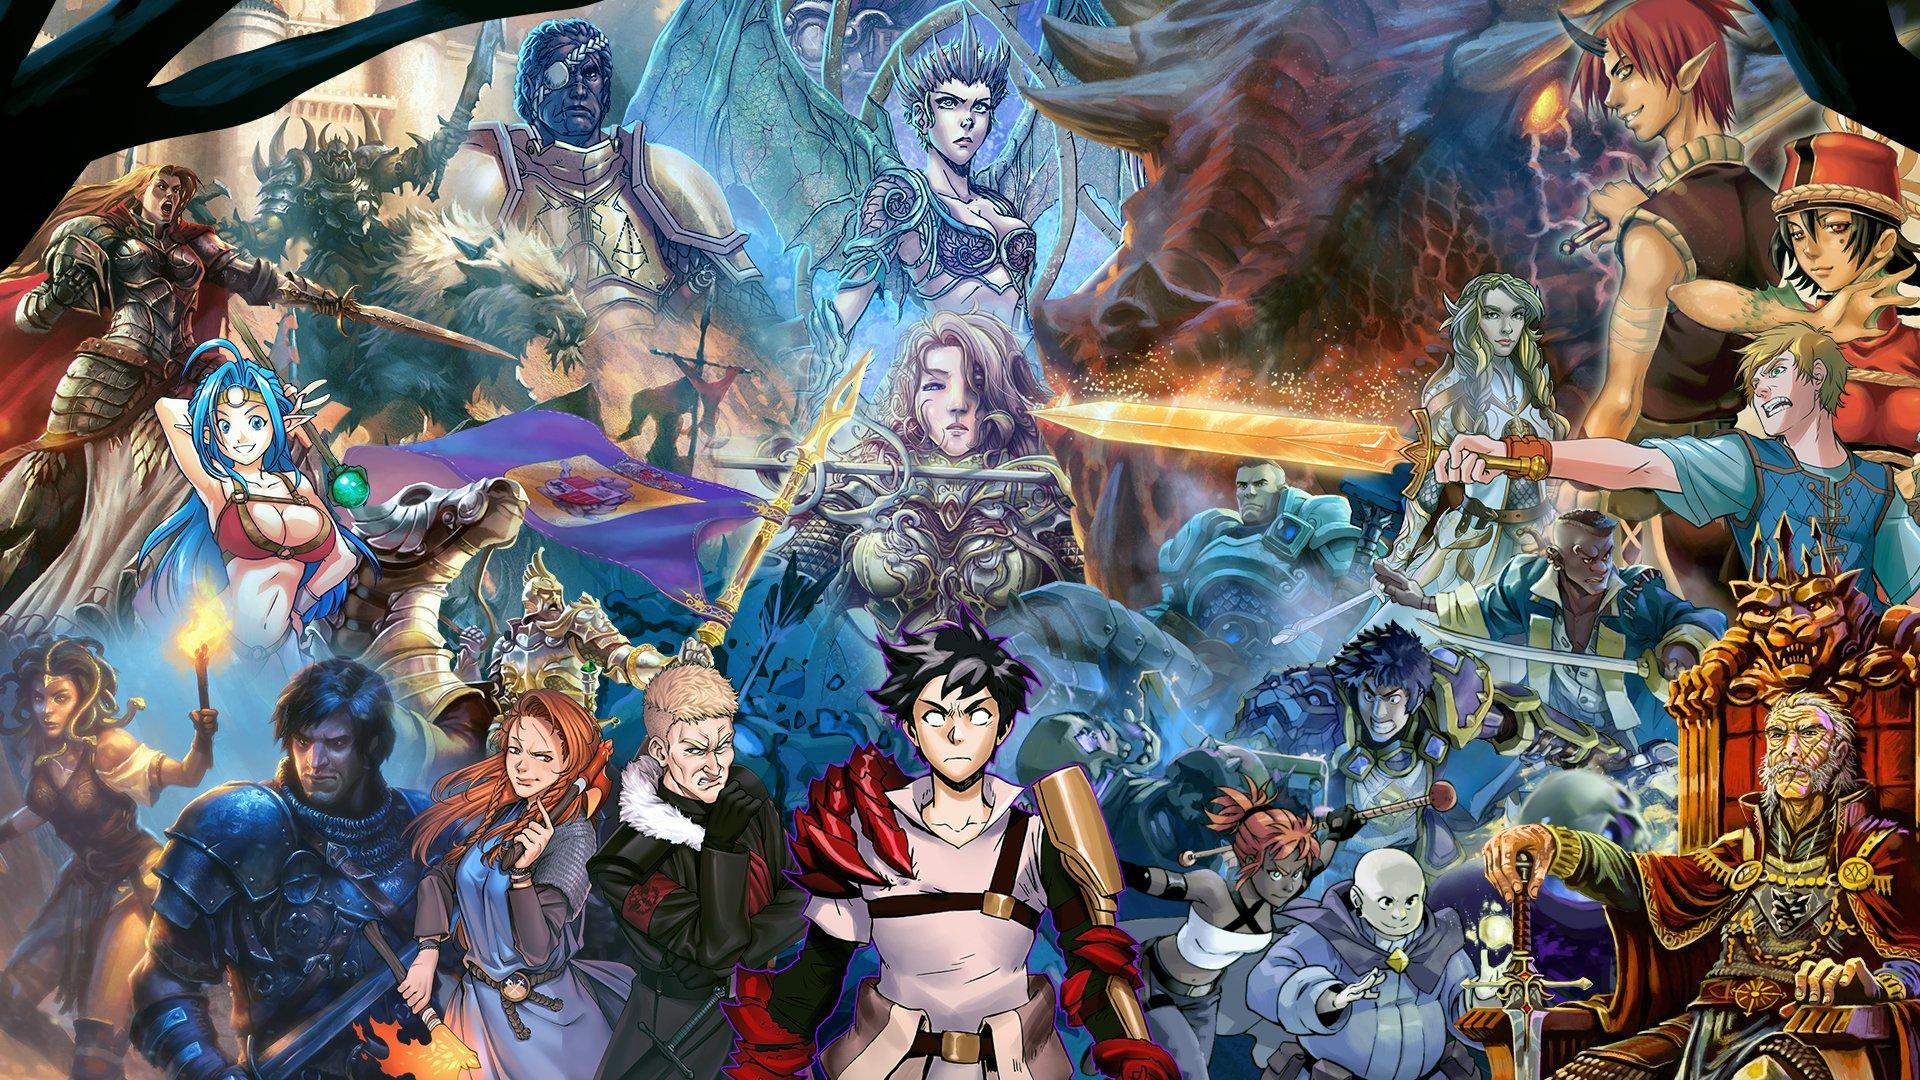 Personagens icônicos de Tormenta ilustram imagem promocional da campanha.